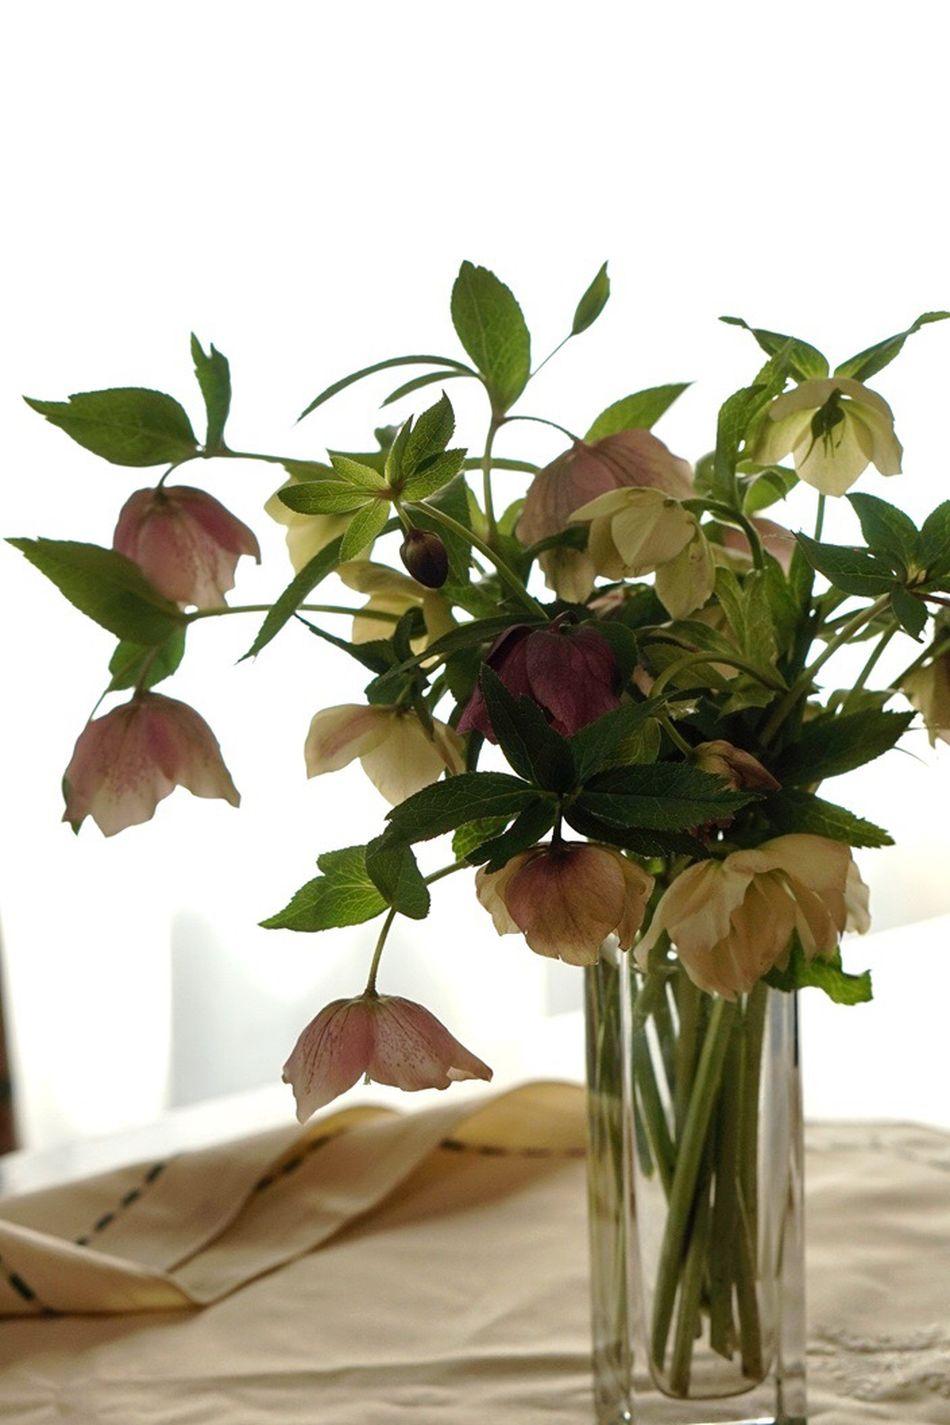 Helleborus Helleborus Niger Flowers Spring Flowers Spring EyeEm Flower EyeEm Gallery Christmas Rose クリスマスローズ